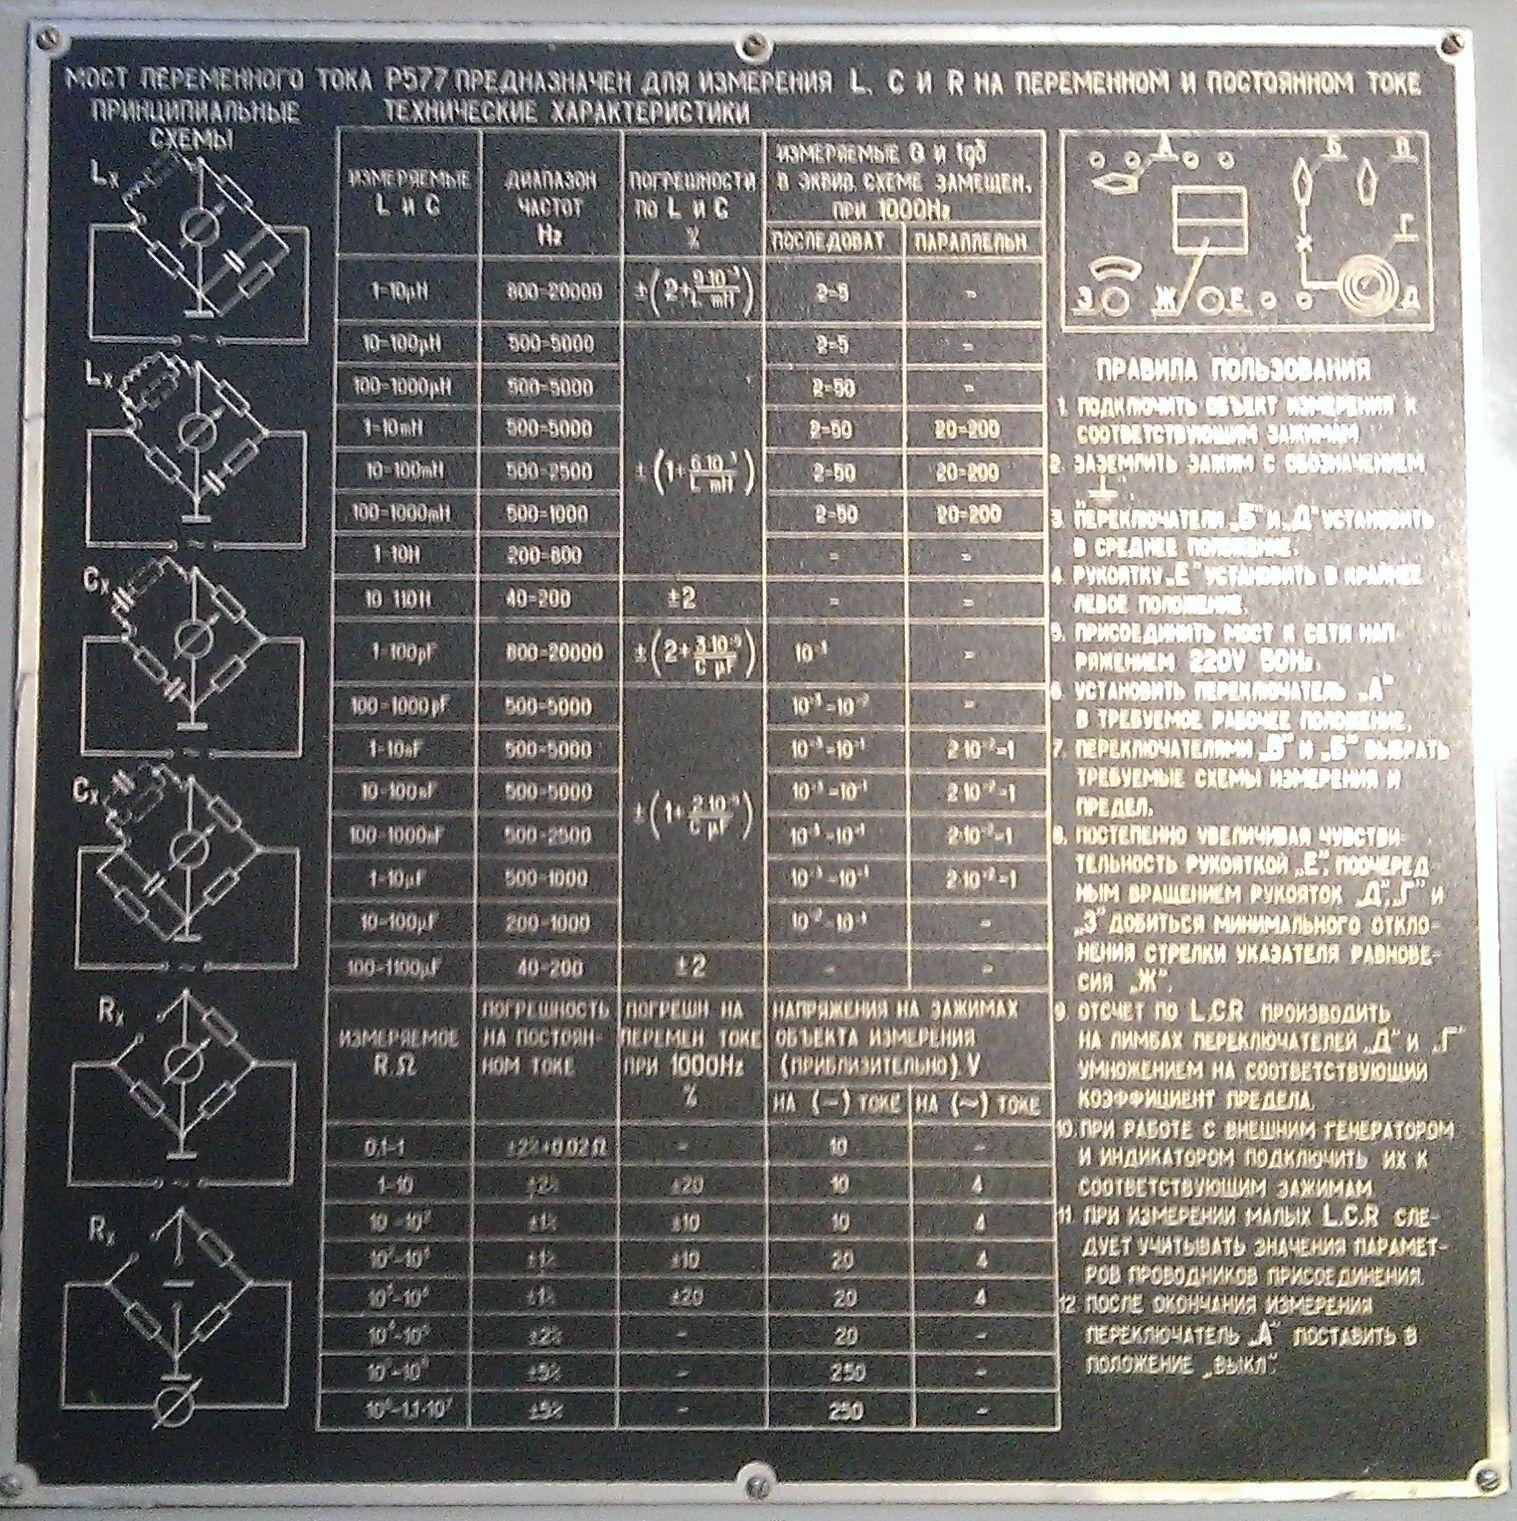 Р577 - параметры и схемы включения